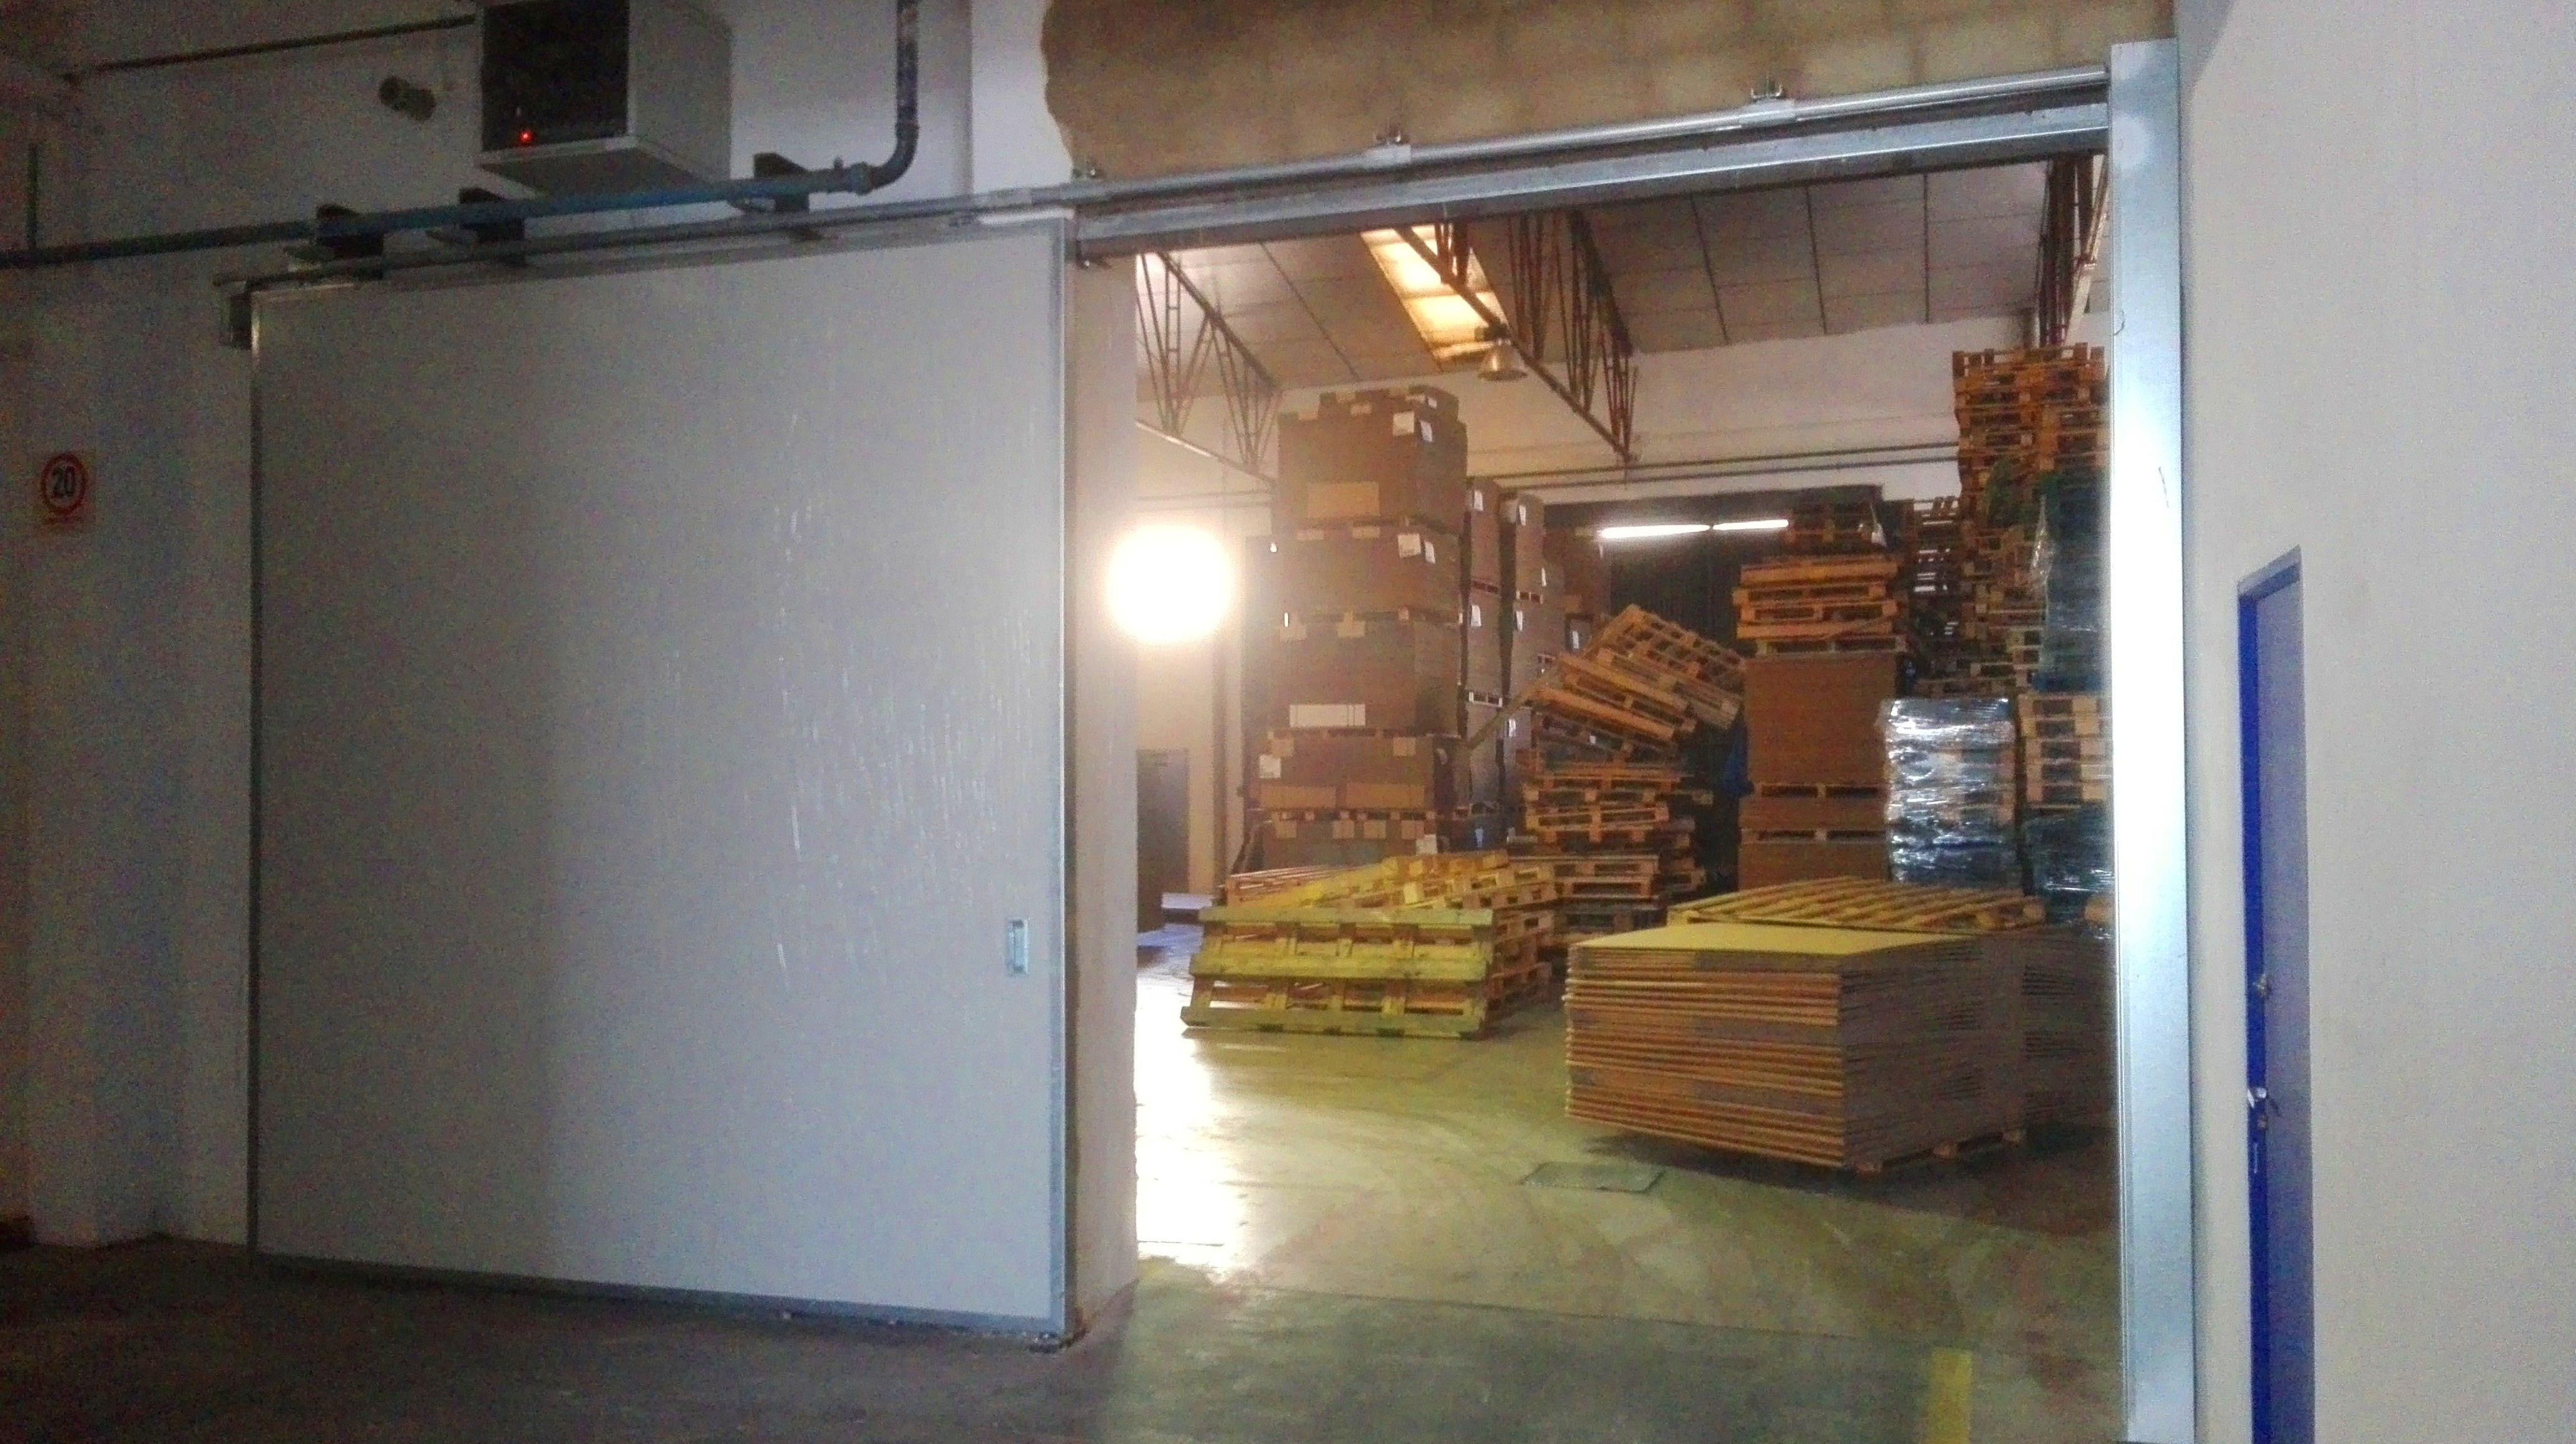 Puerta corredera cortafuegos resistencia 60 minutos EI2-60 , cierre por fusible térmico